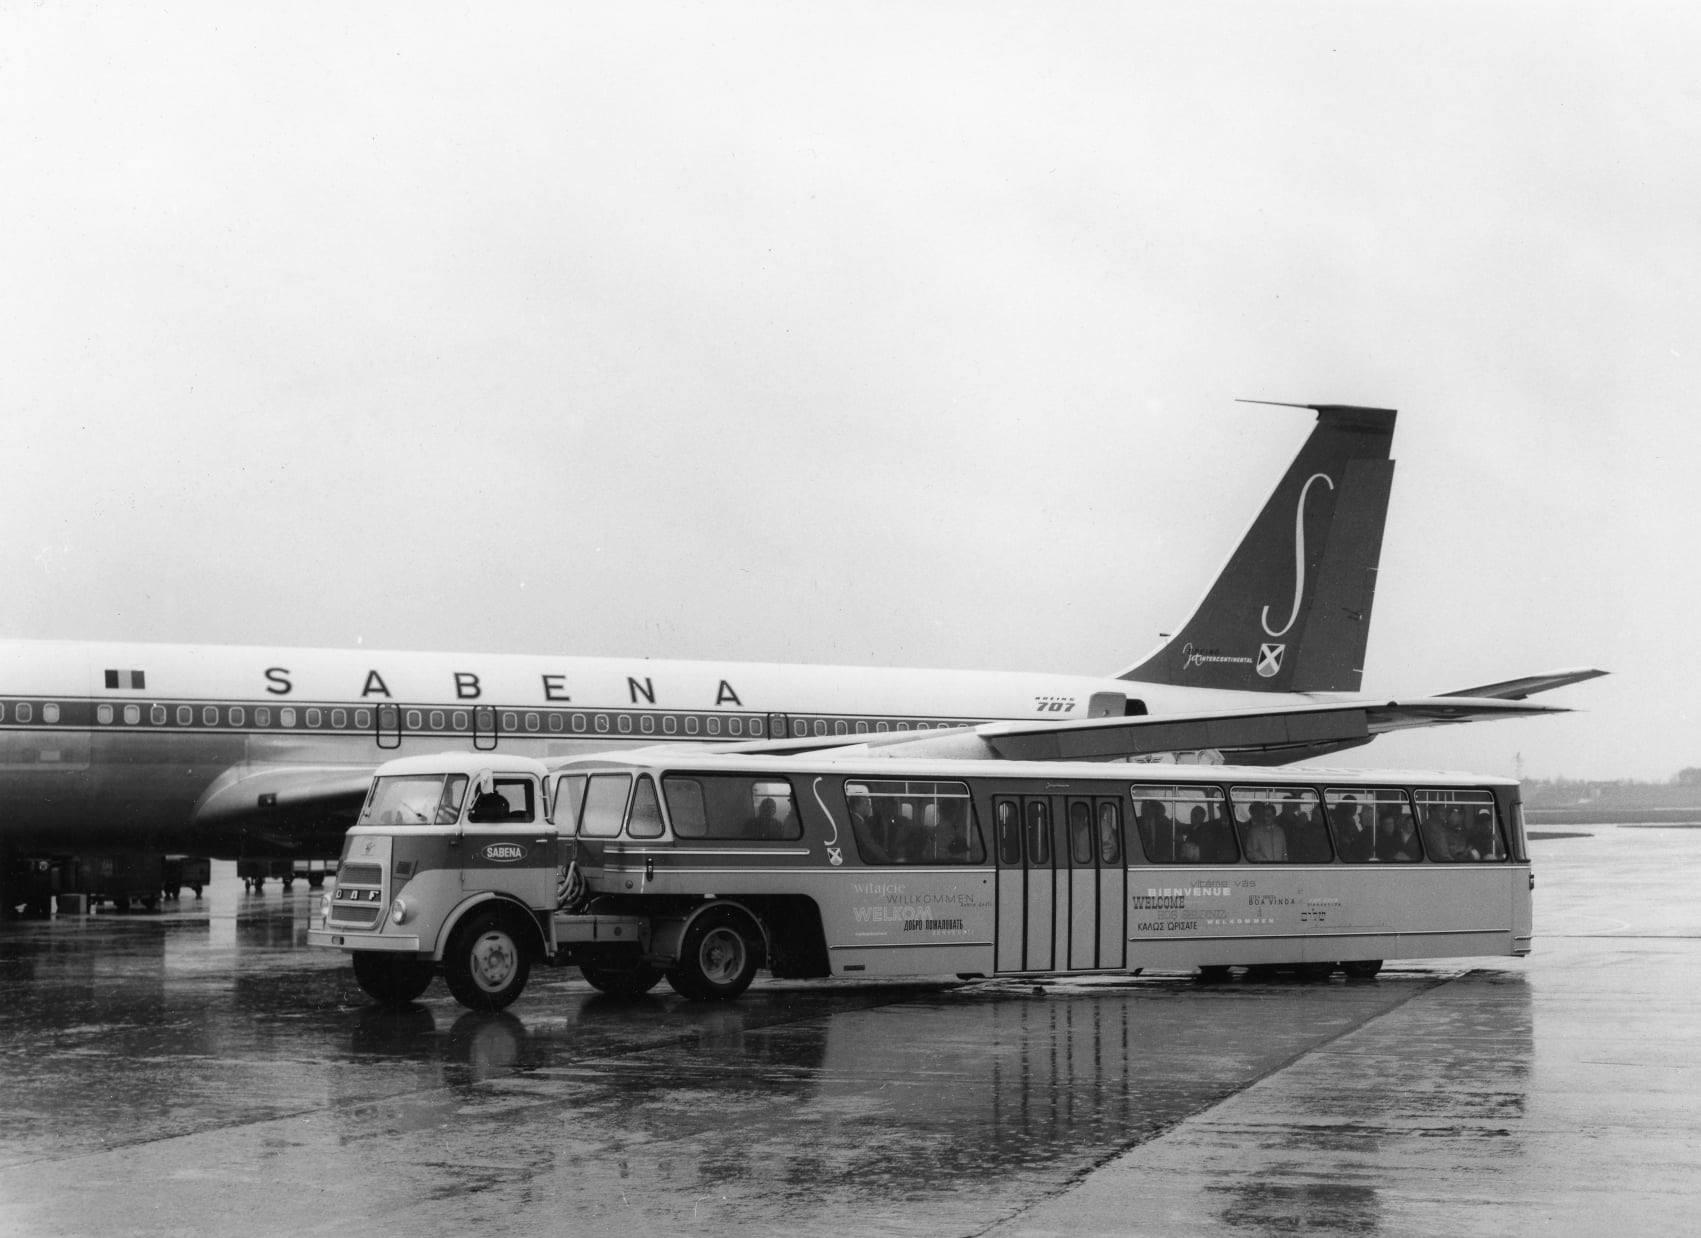 Daf-bus-vliegveld-Zavetem-(2)